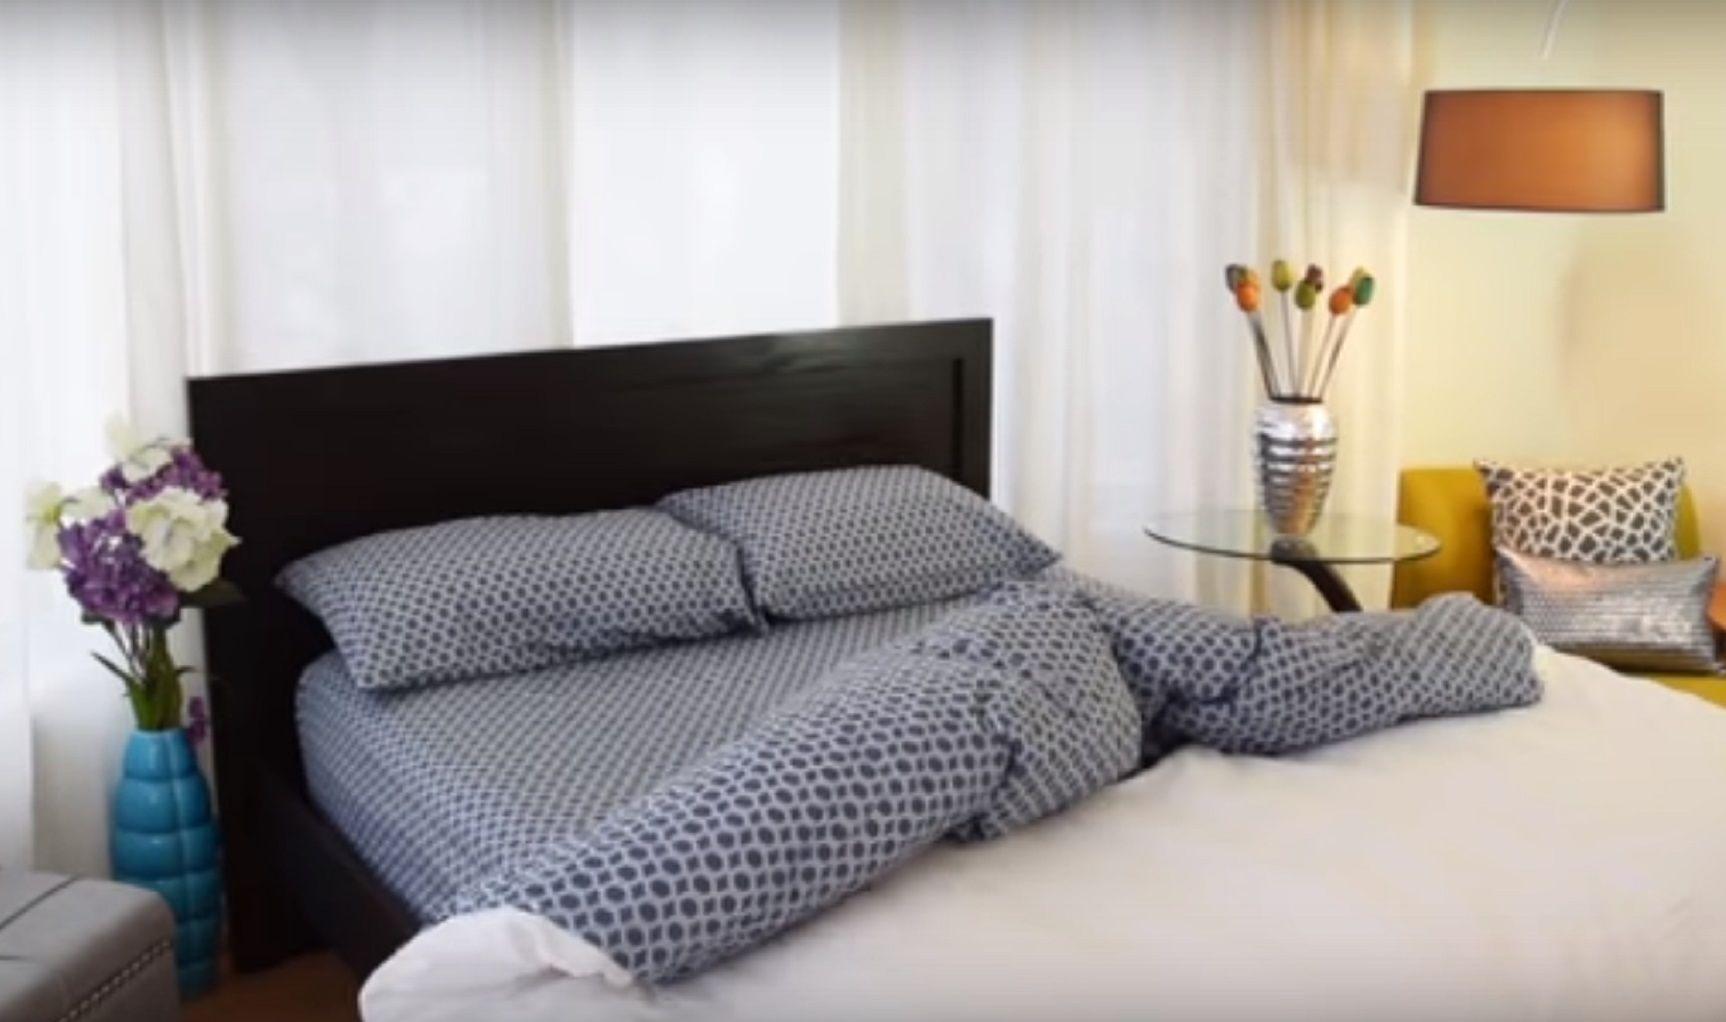 Inventaron un acolchado que calienta y hace la cama